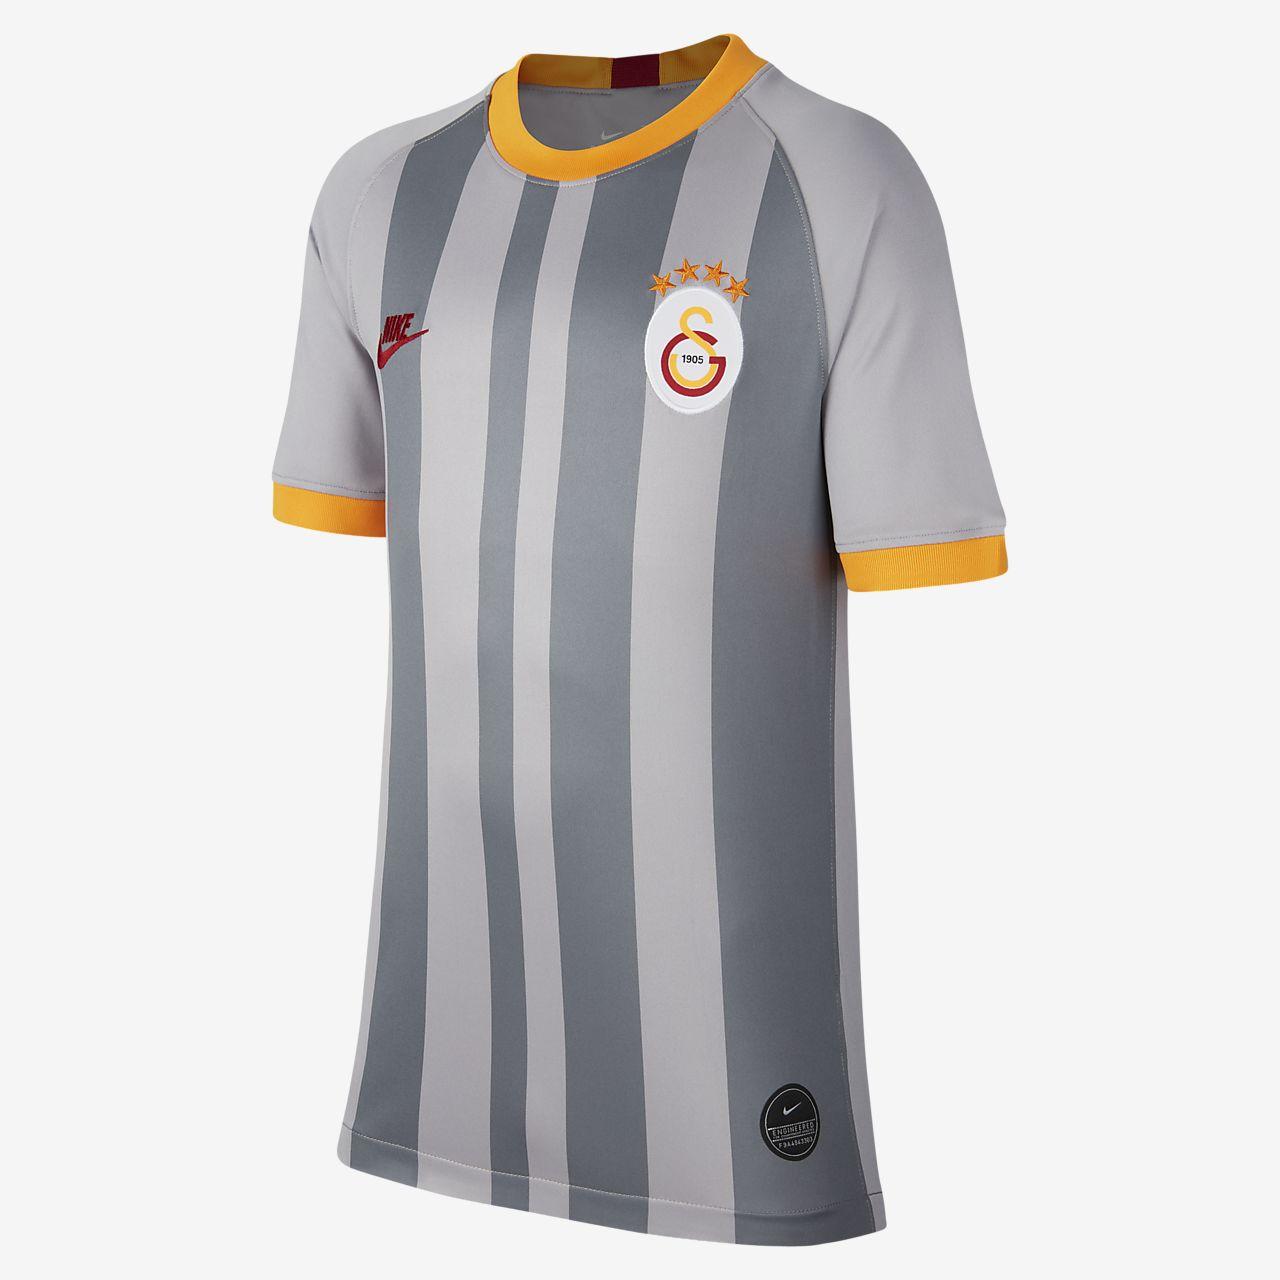 Ποδοσφαιρική φανέλα Galatasaray 2019/20 Stadium Third για μεγάλα παιδιά